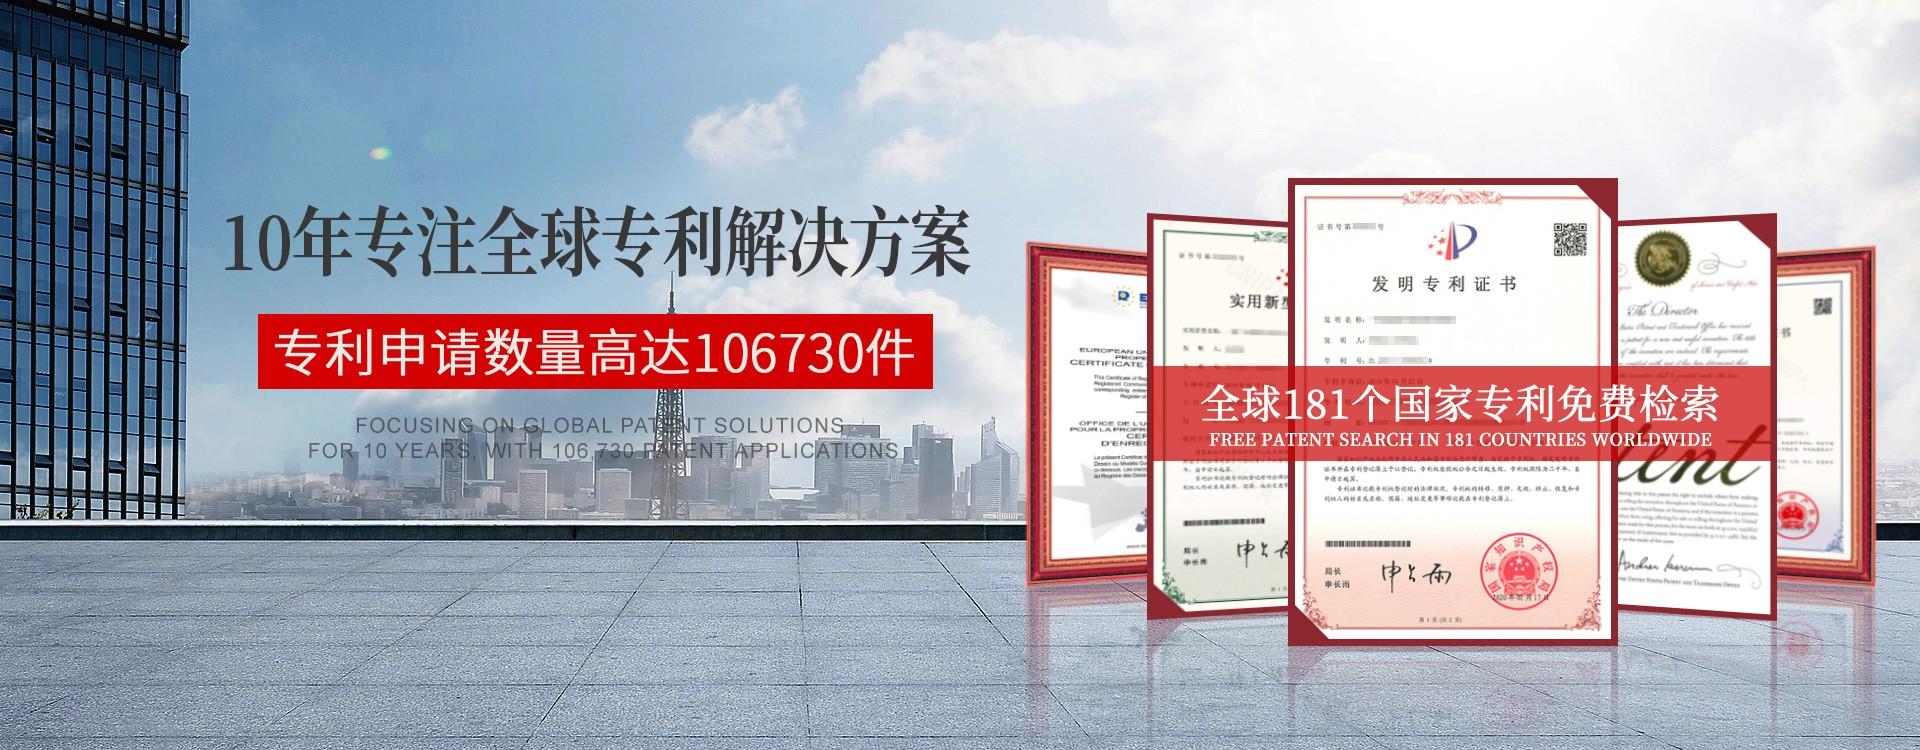 國內外專利申請